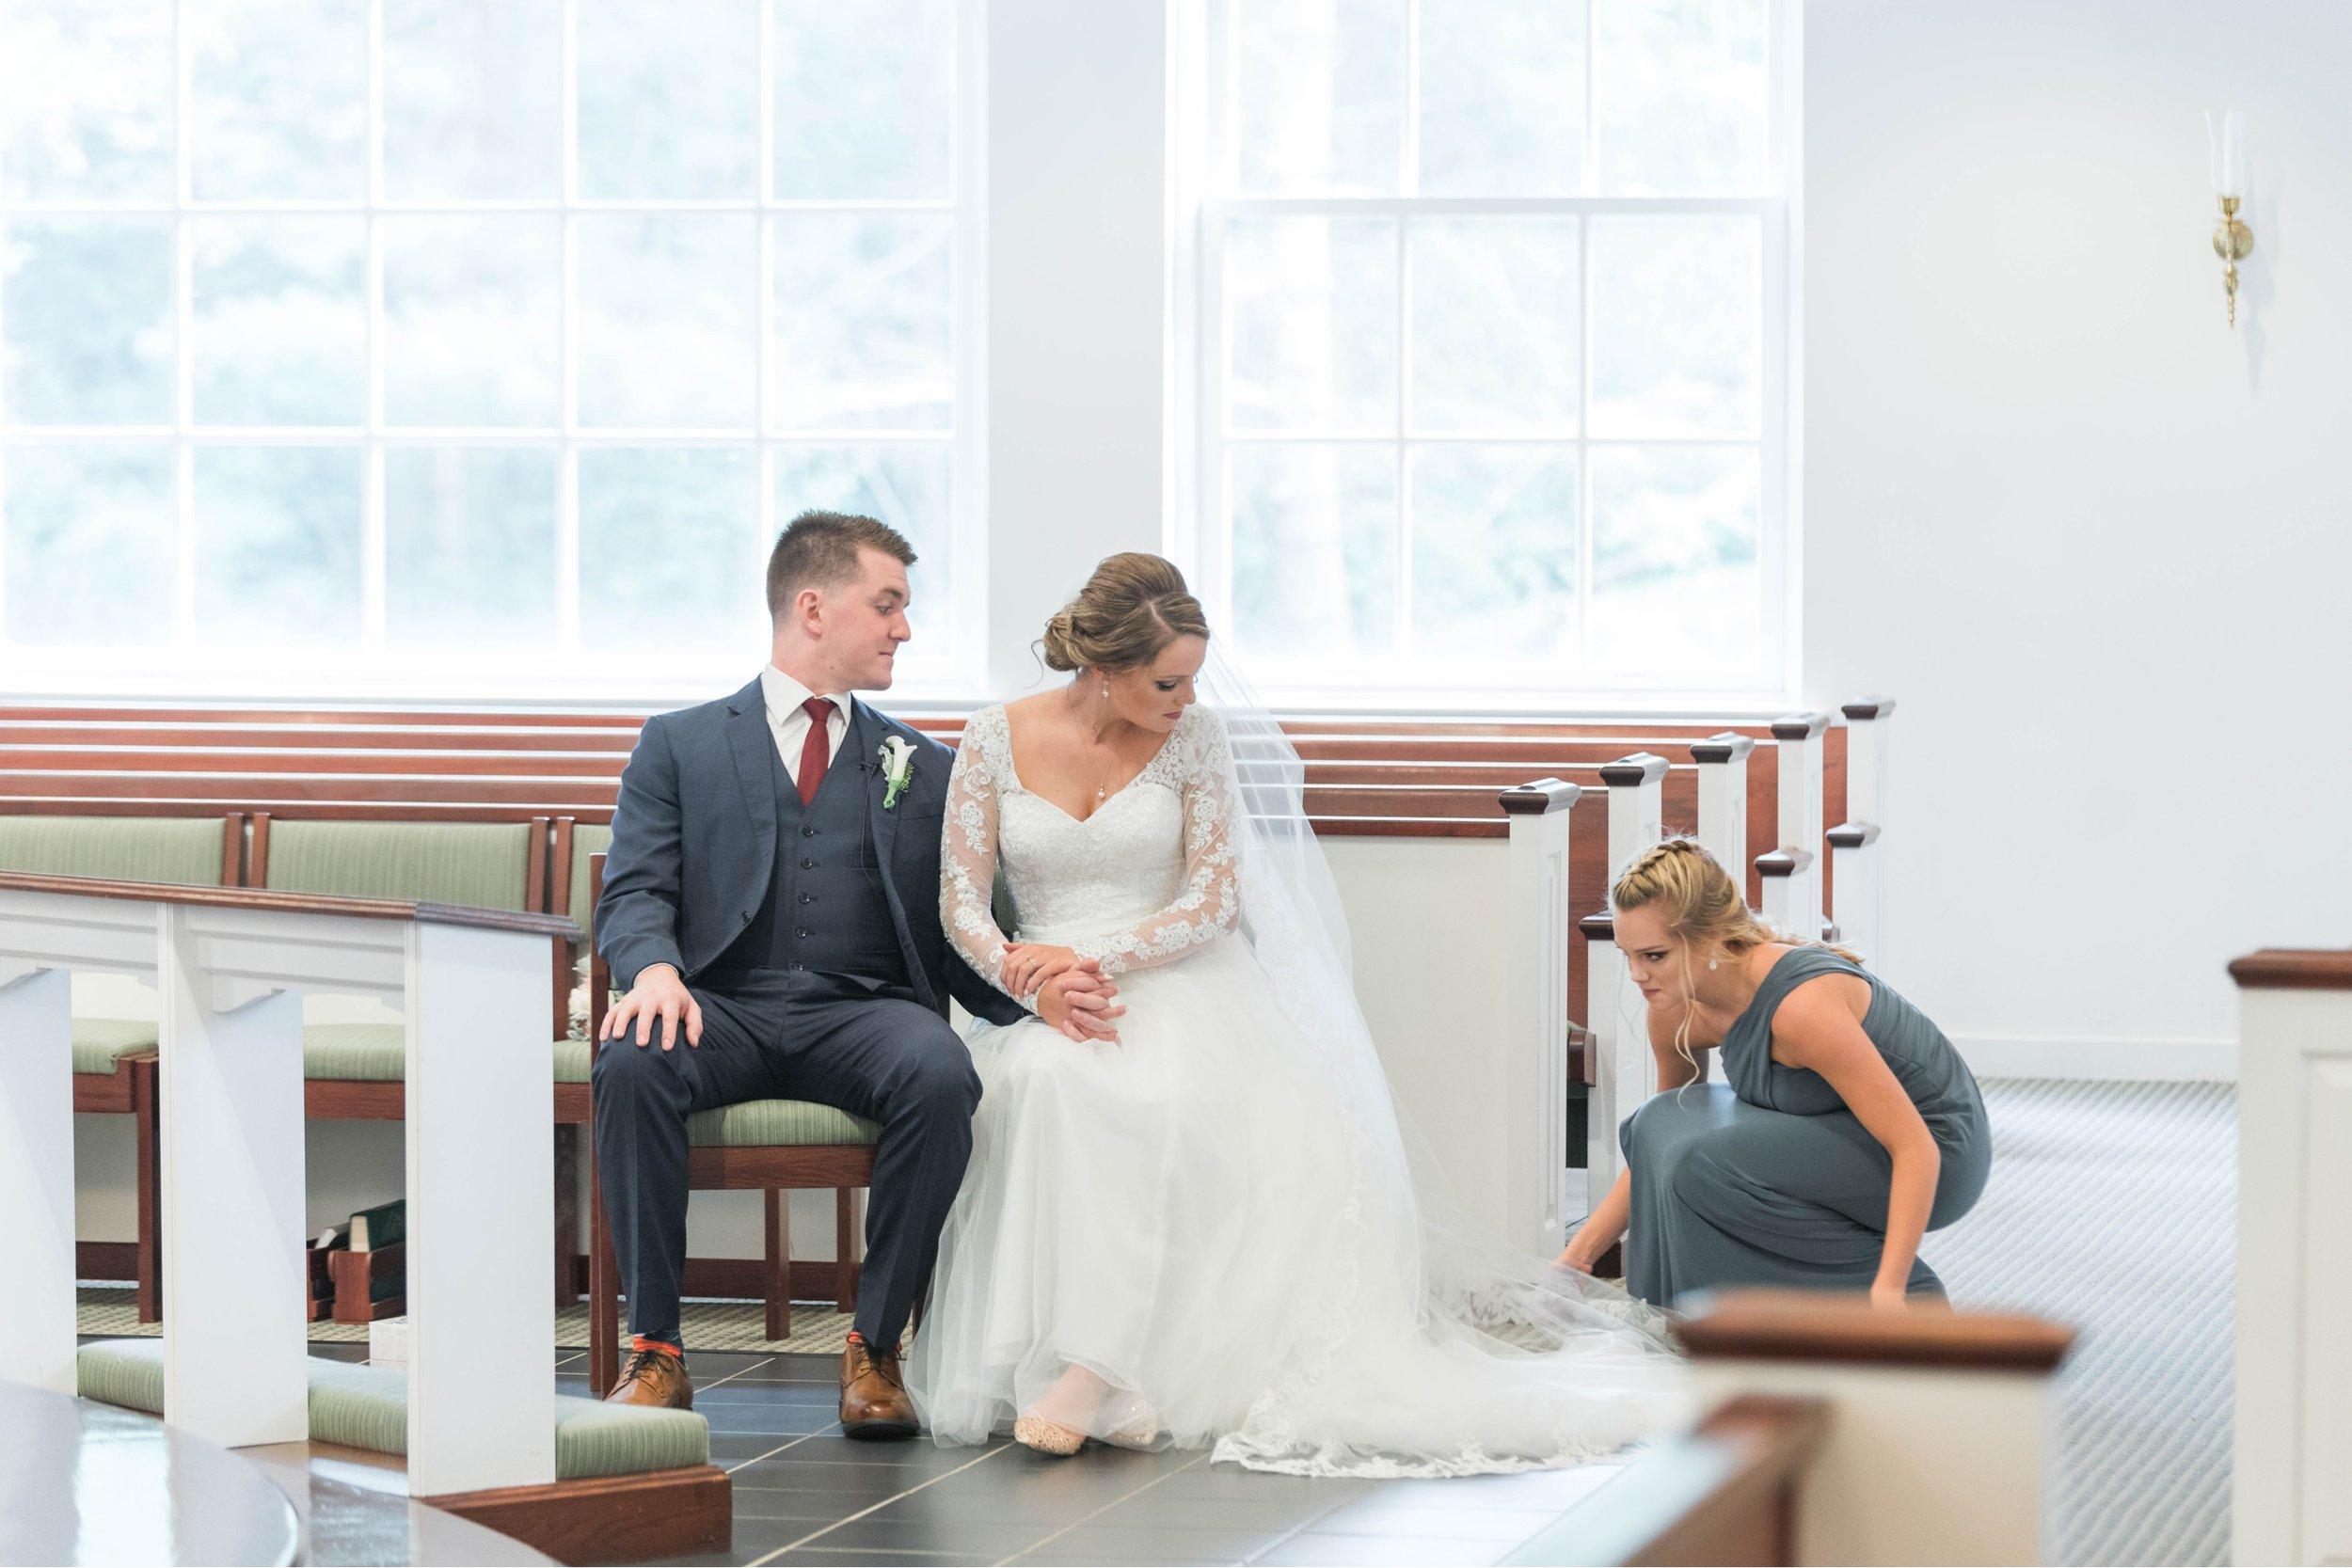 GrantElizabeth_wineryatbullrun_DCwedding_Virginiaweddingphotographer 34.jpg